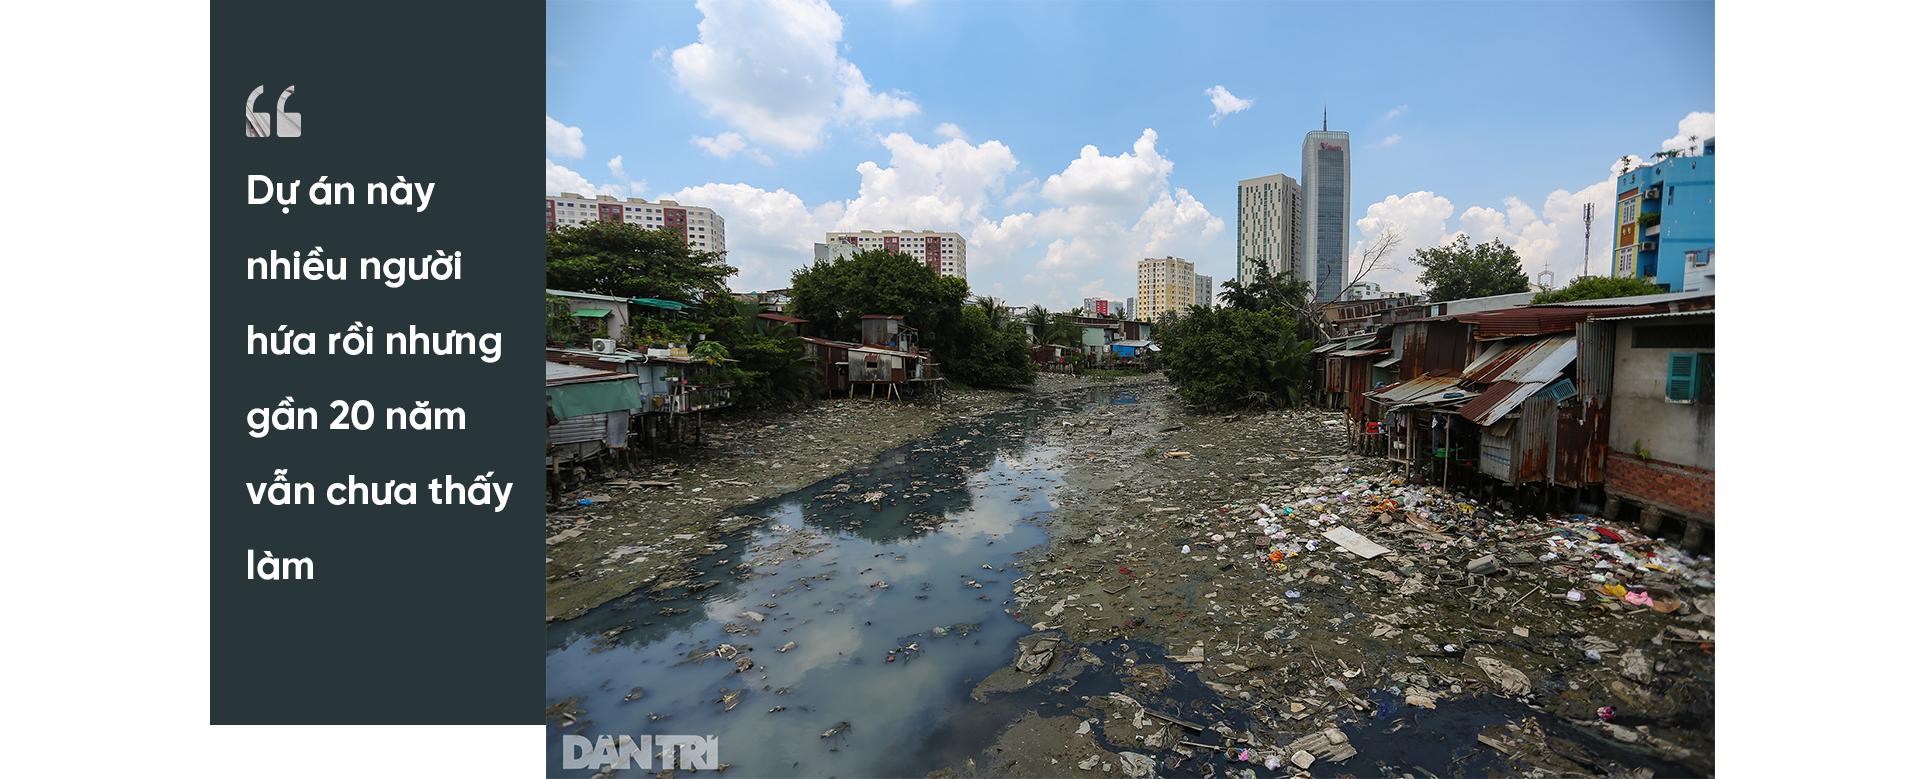 Mong ước nối 2 thế kỷ của dân sống ven con rạch khủng khiếp nhất Sài Gòn - 10